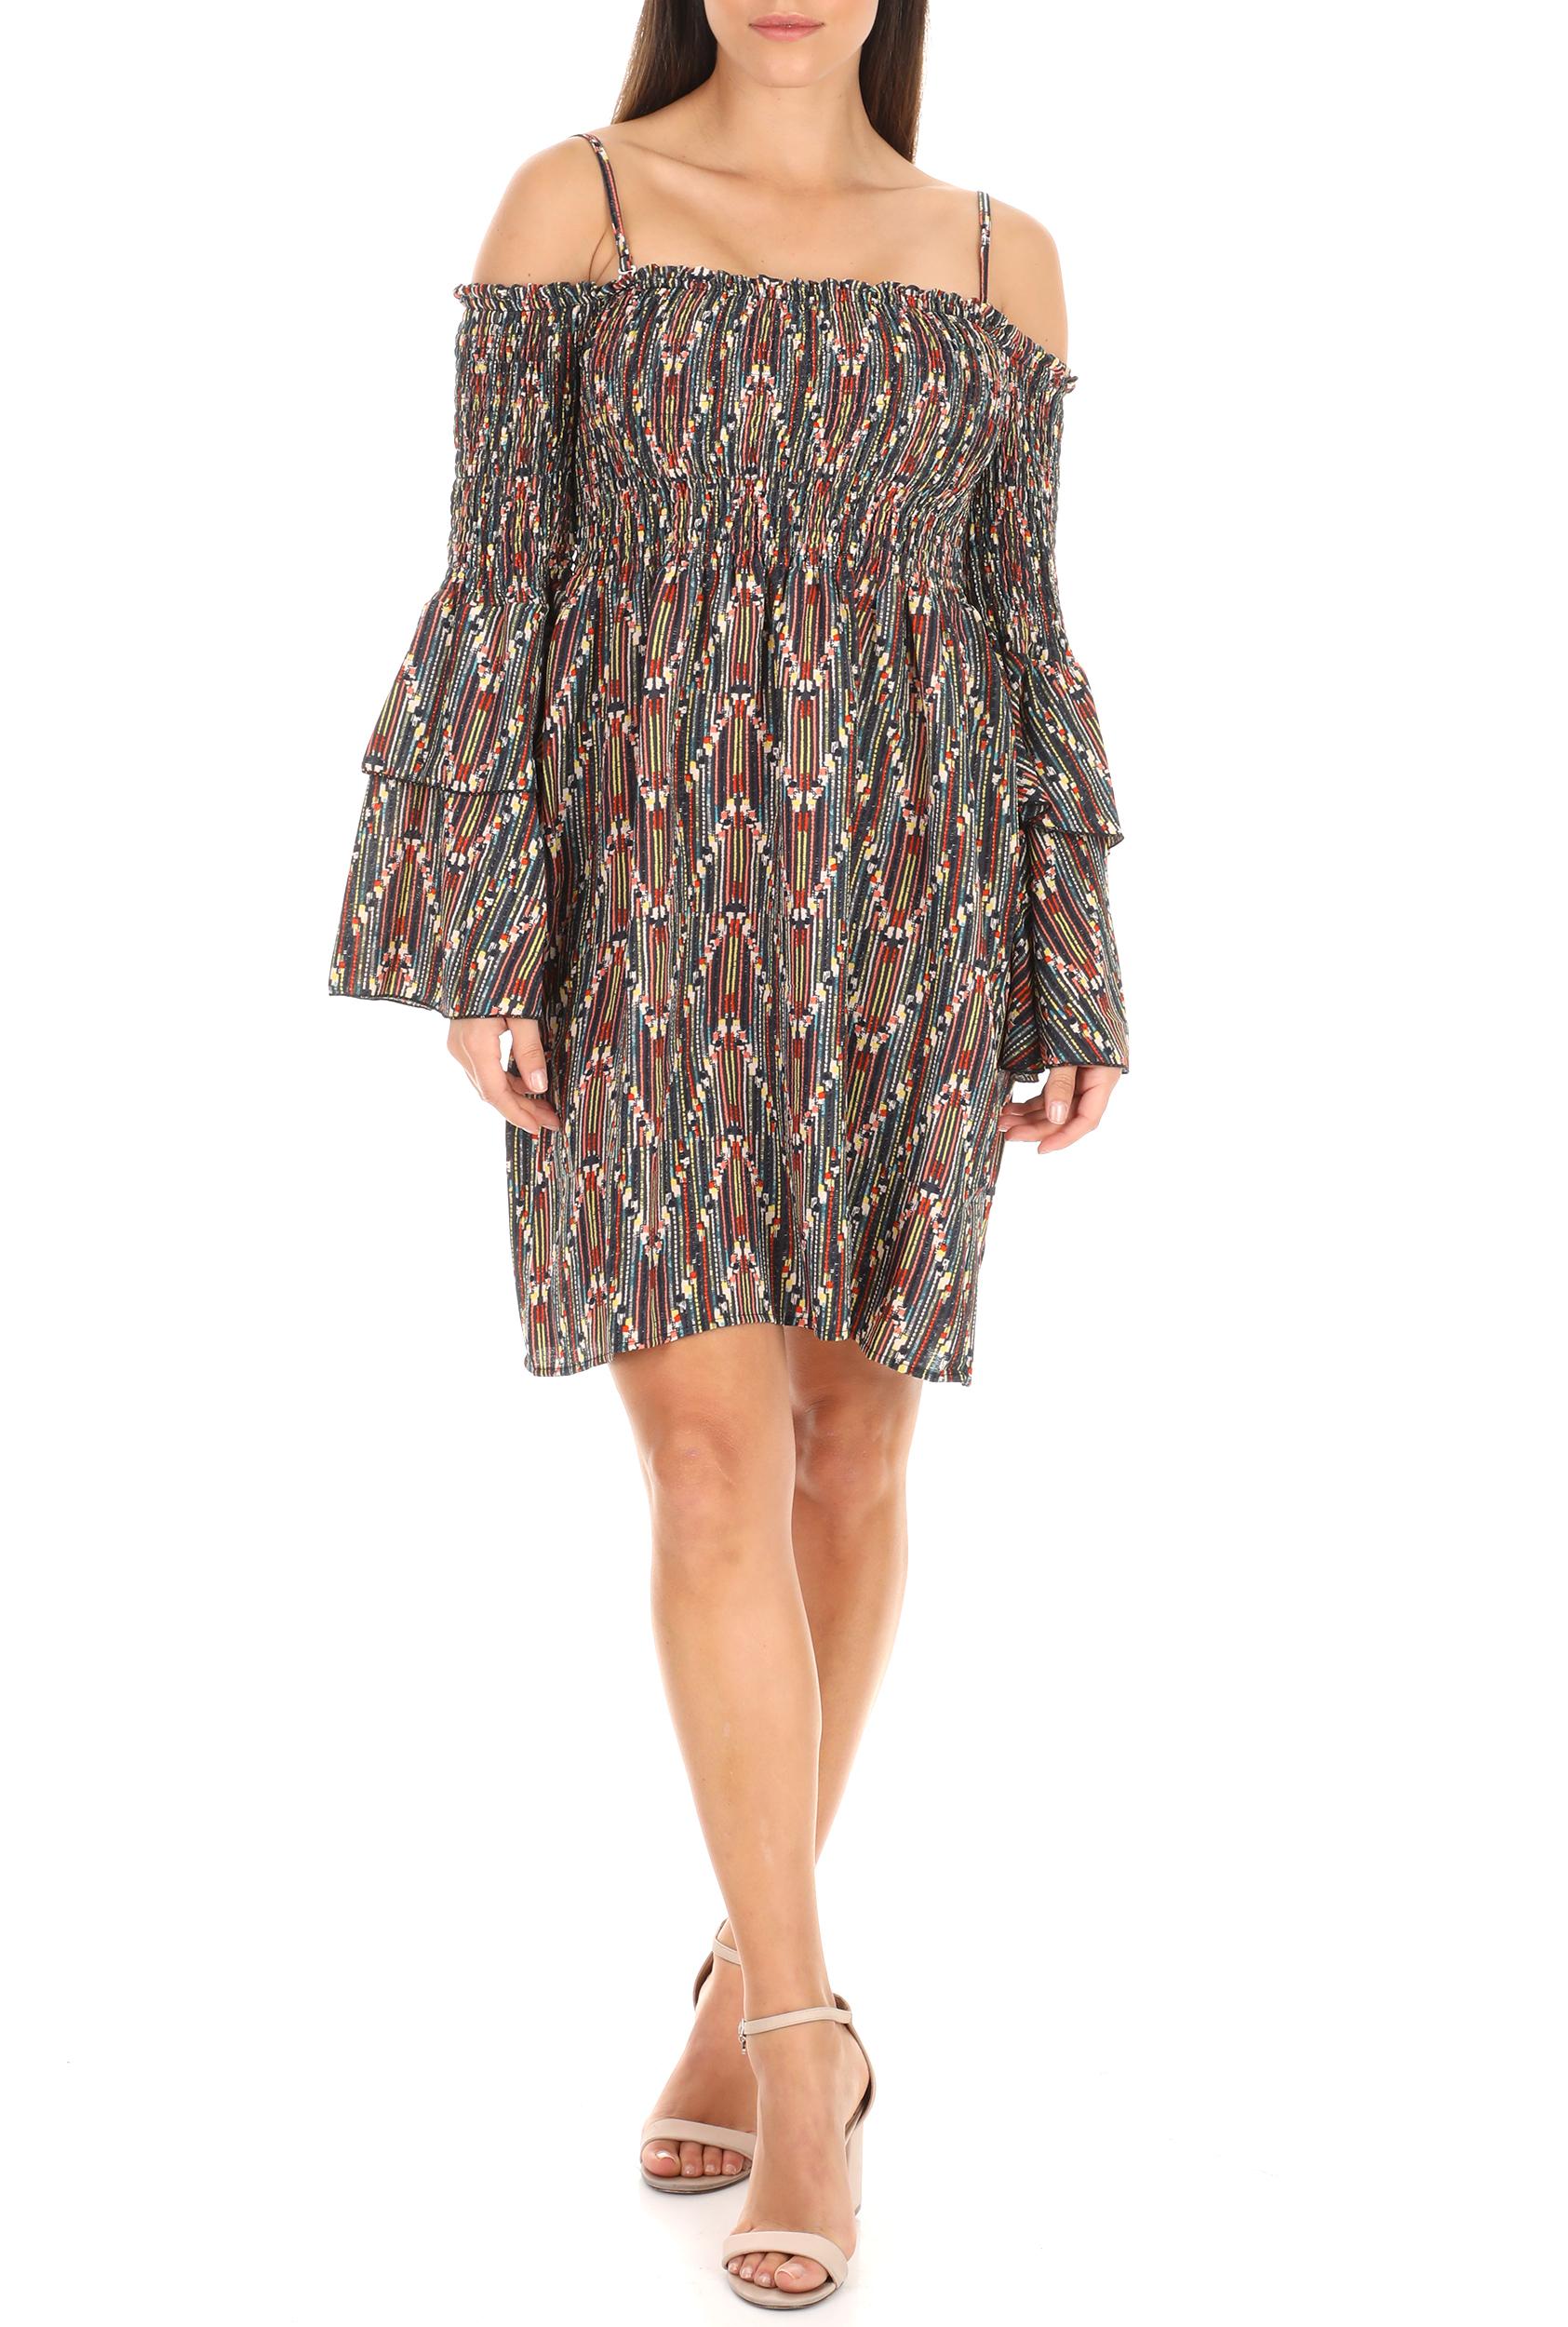 MOLLY BRACKEN - Γυναικείο φόρεμα MOLLY BRACKEN με μοτίβο γυναικεία ρούχα φόρεματα μίνι